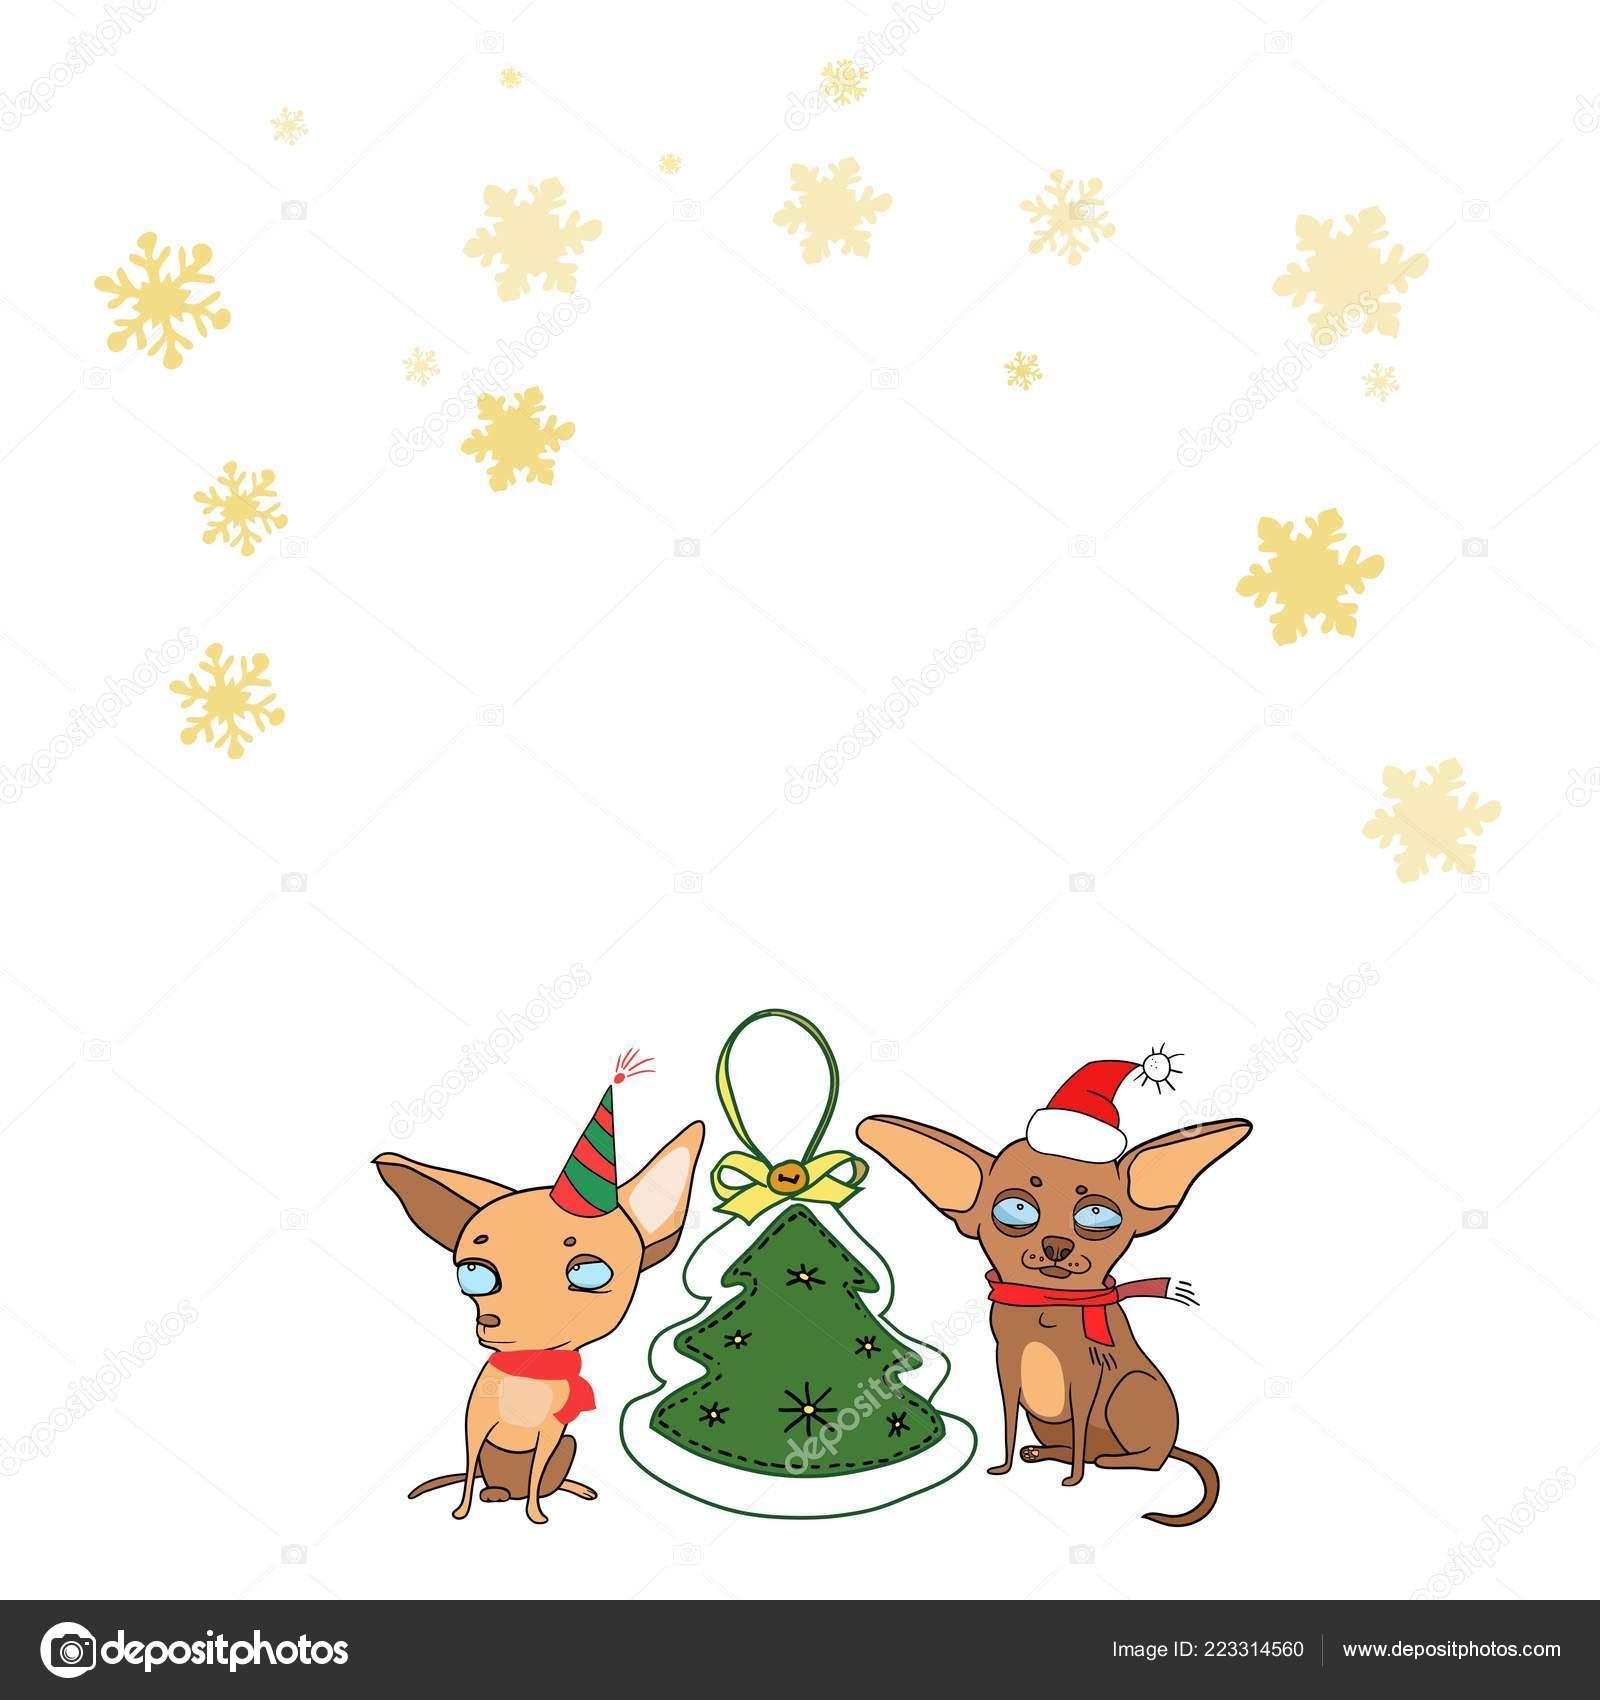 Disegni Di Natale Vettoriali.Disegni Di Cani Natalizi Serie Disegni Natale Capodanno